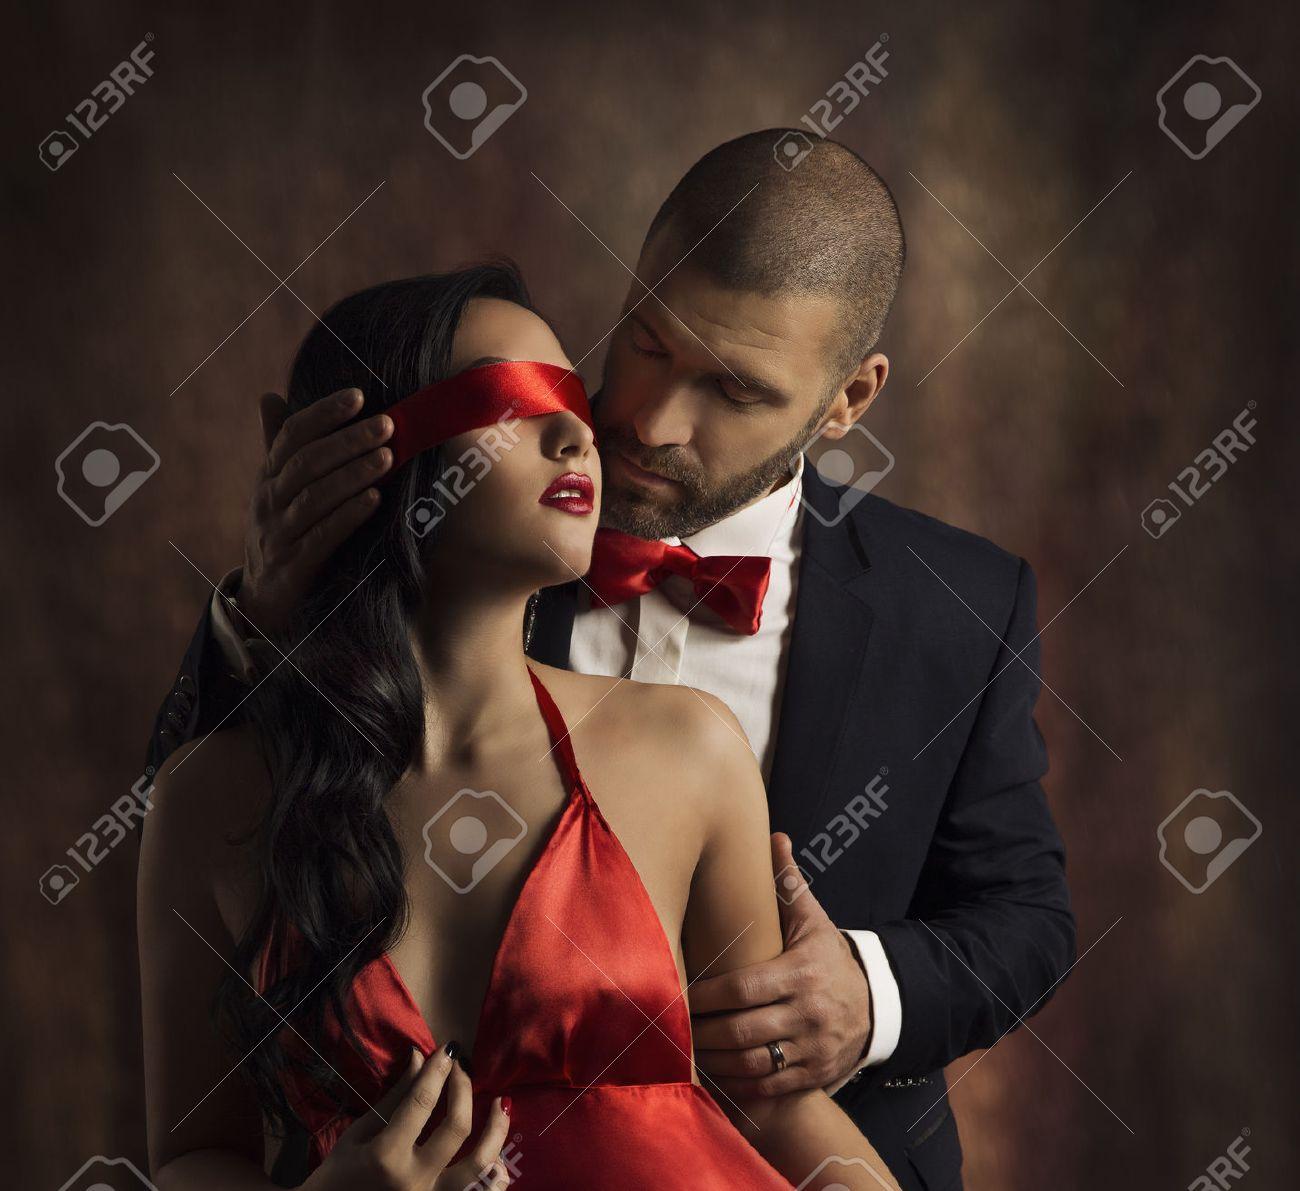 Imagenes sexy love